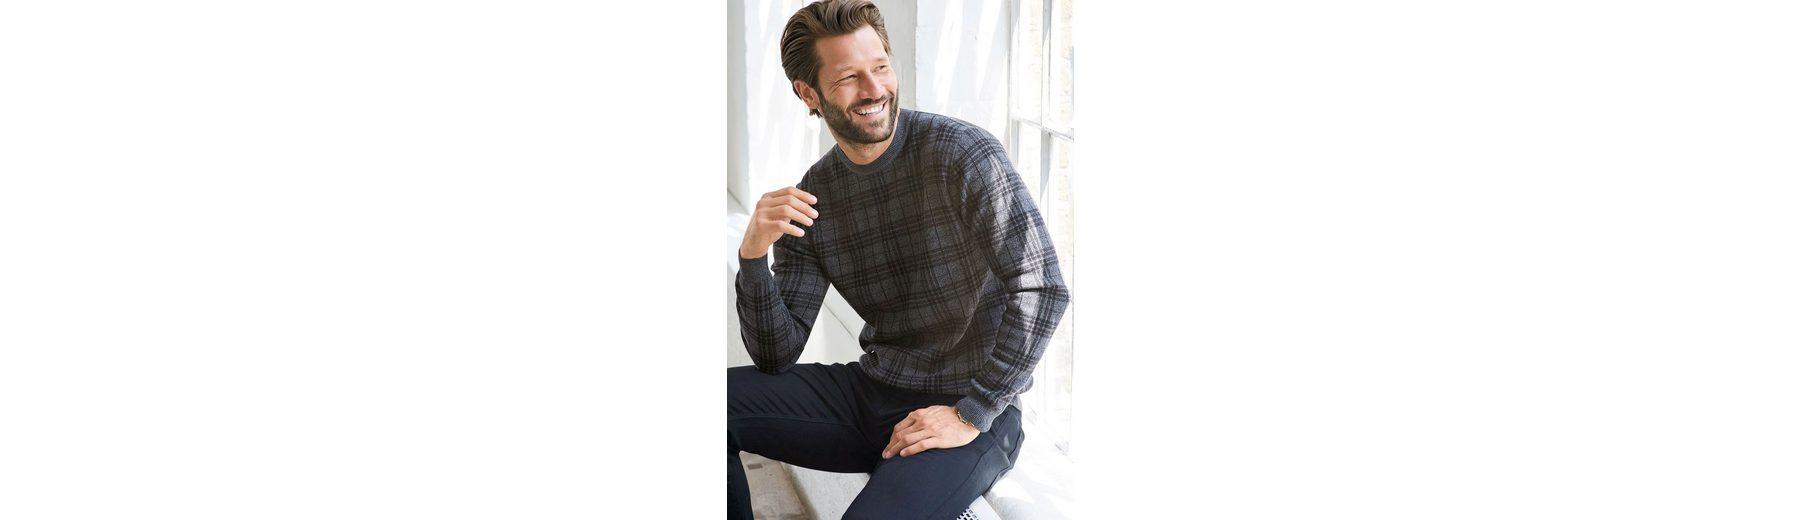 Auslass Niedriger Preis Authentisch Günstig Online Next Kariertes Rundhalsshirt 100% Original Billig Verkauf Niedriger Versand fTUfy